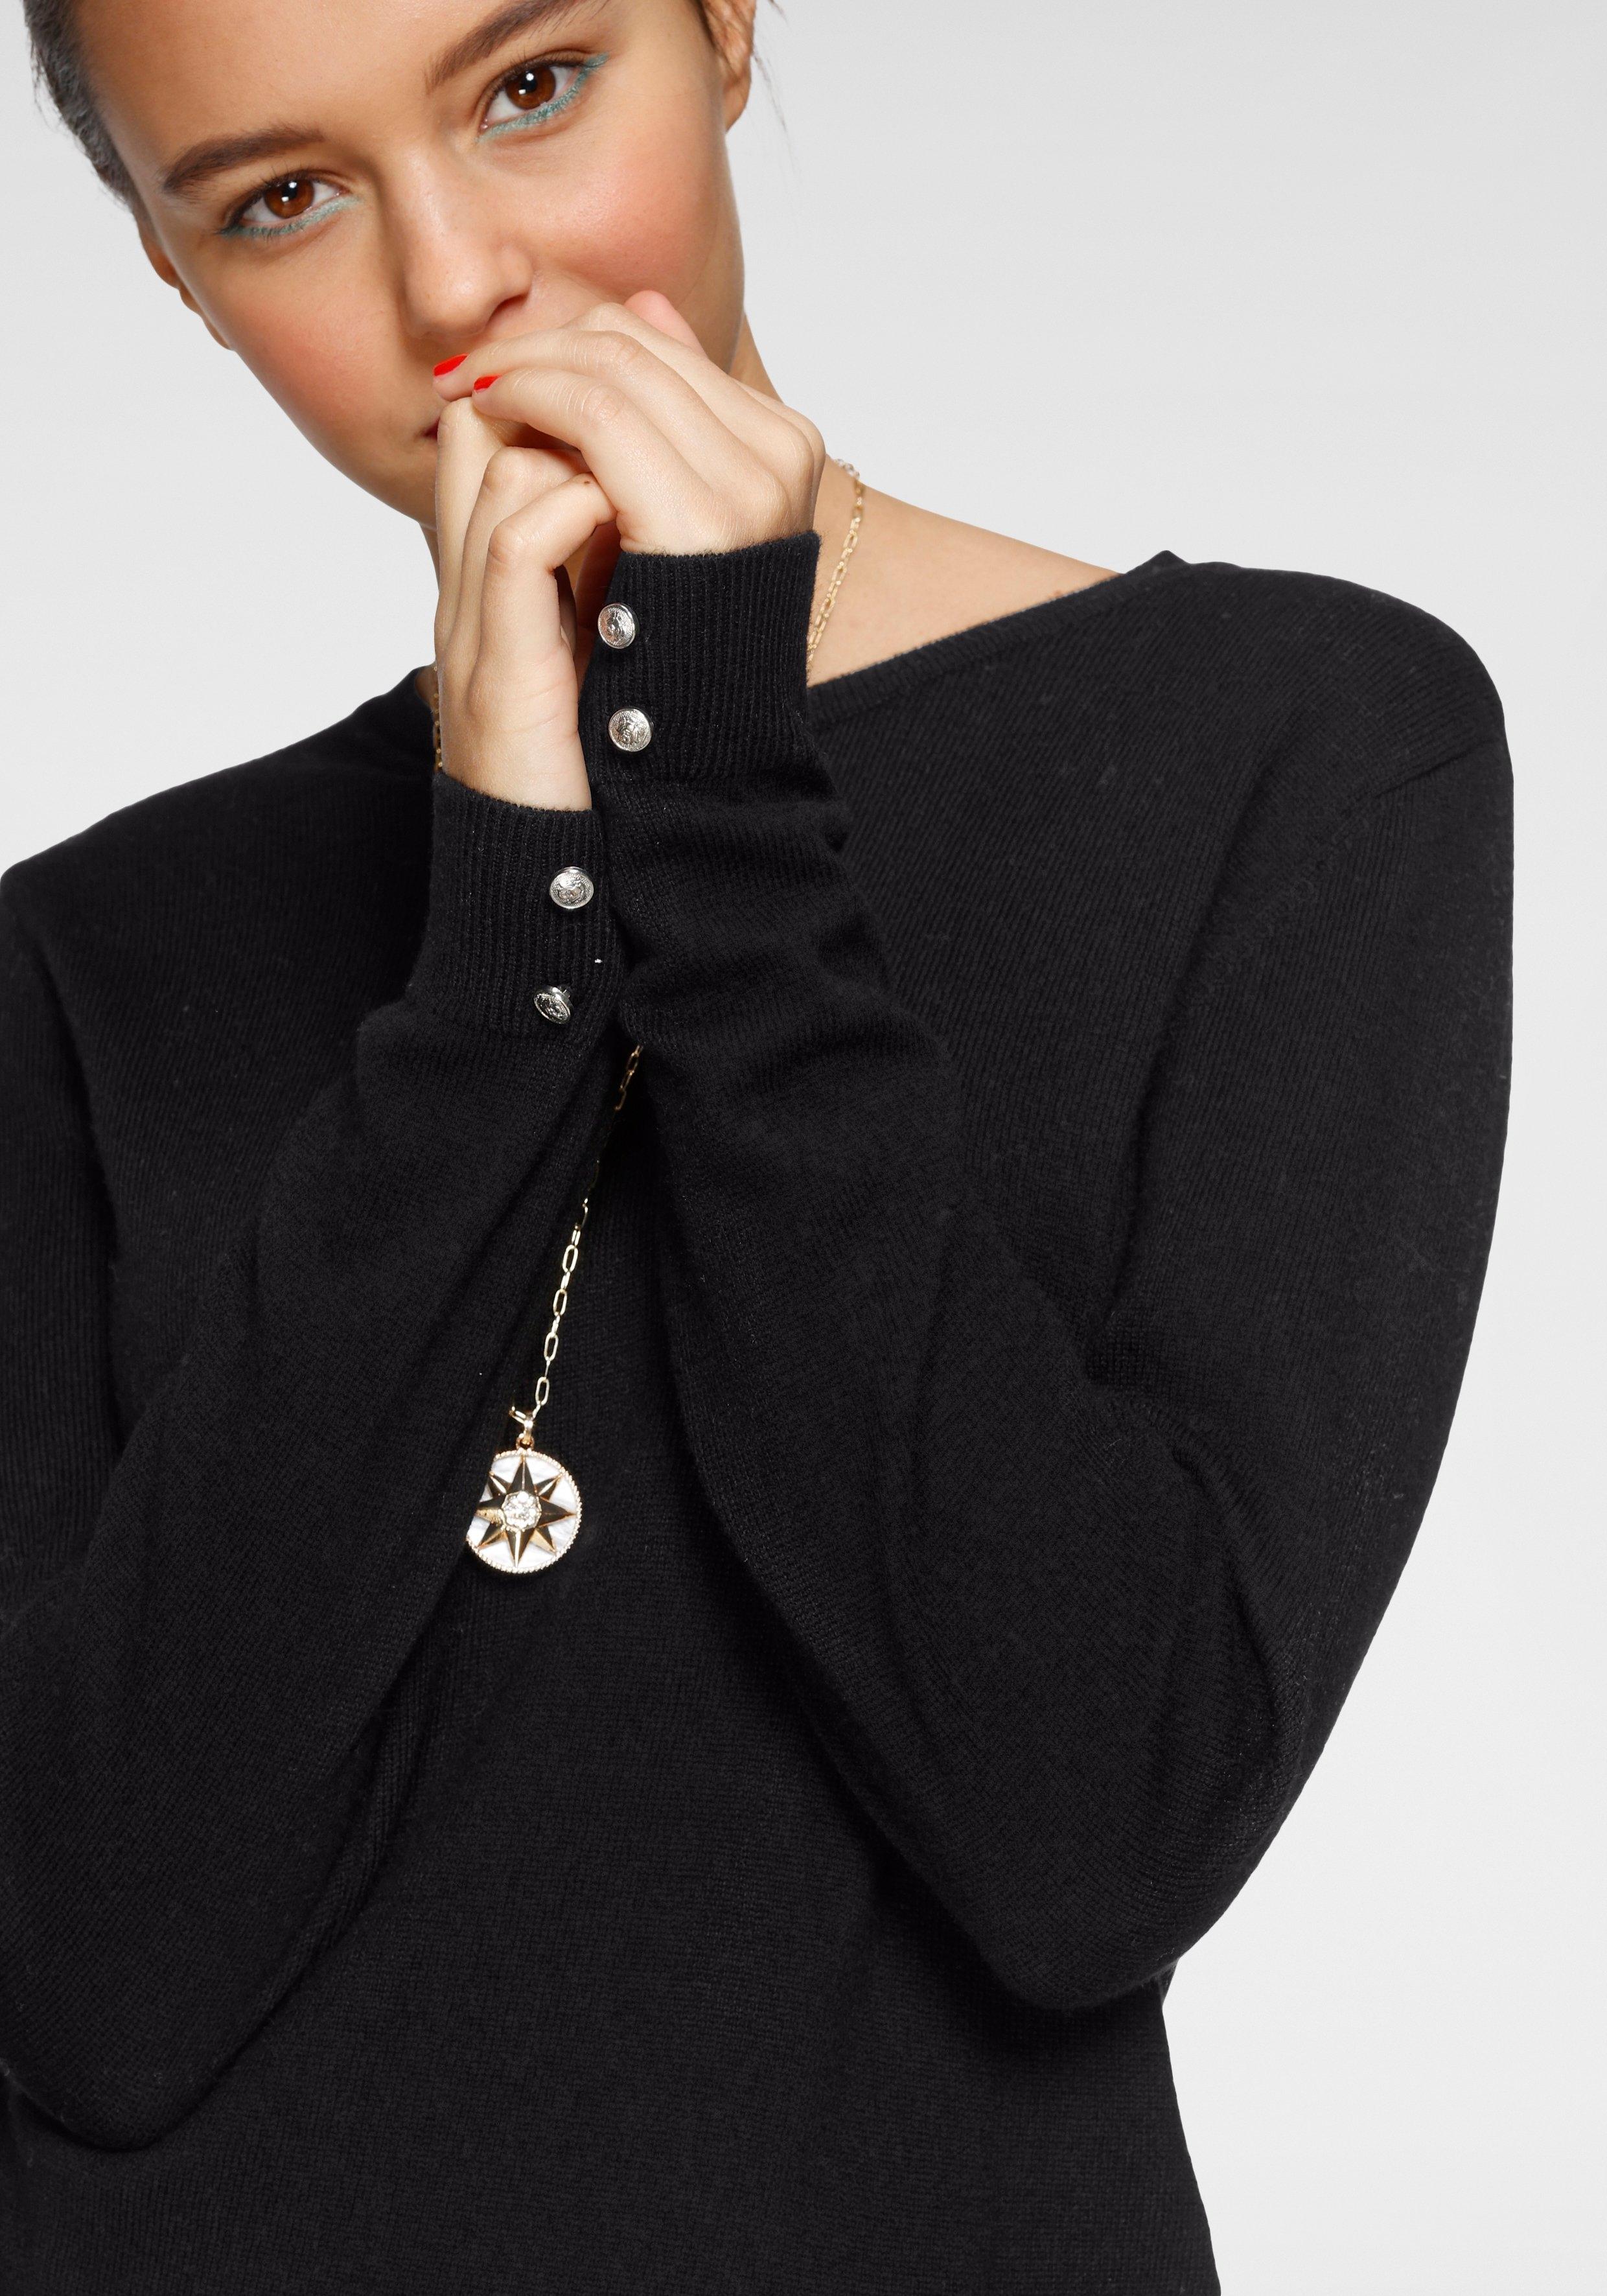 Op zoek naar een AJC trui met ronde hals? Koop online bij OTTO